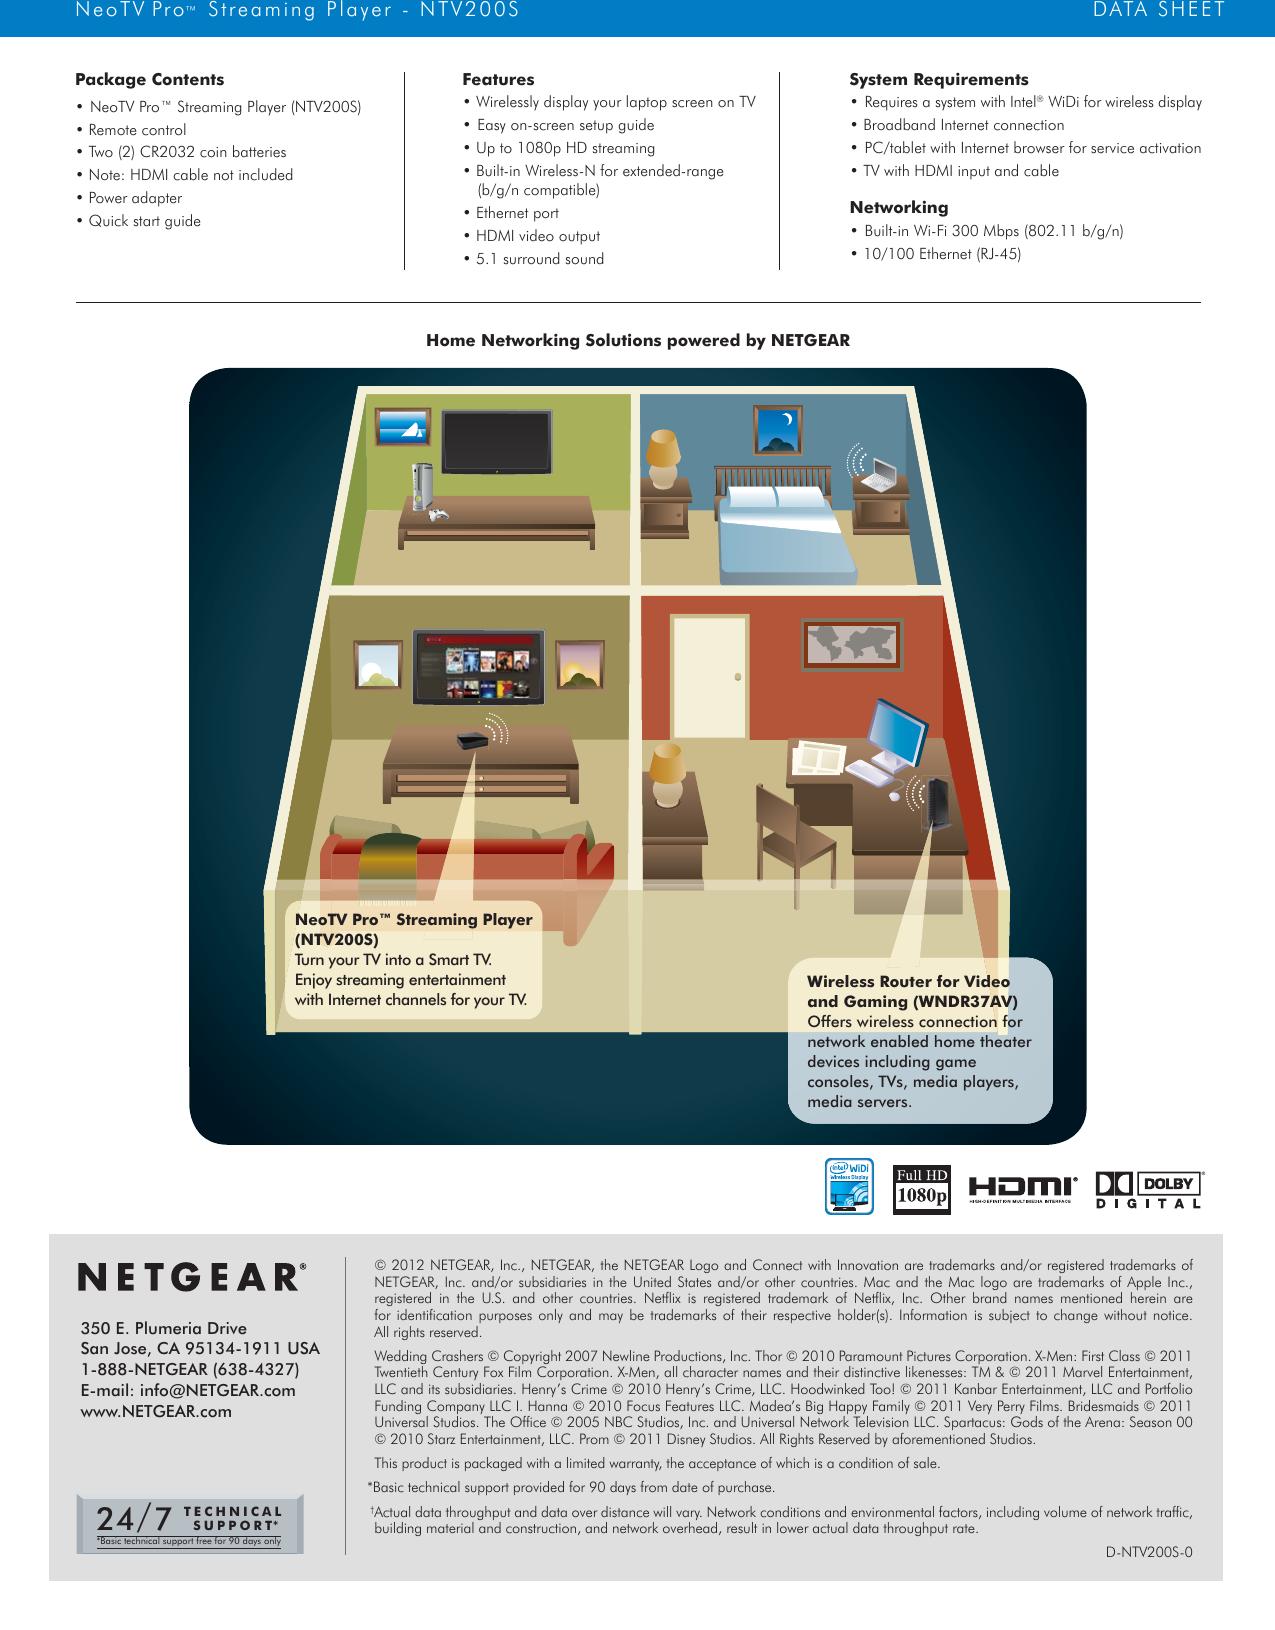 Netgear Ntv200S Data Sheet NTV200S_DS_20Apr12